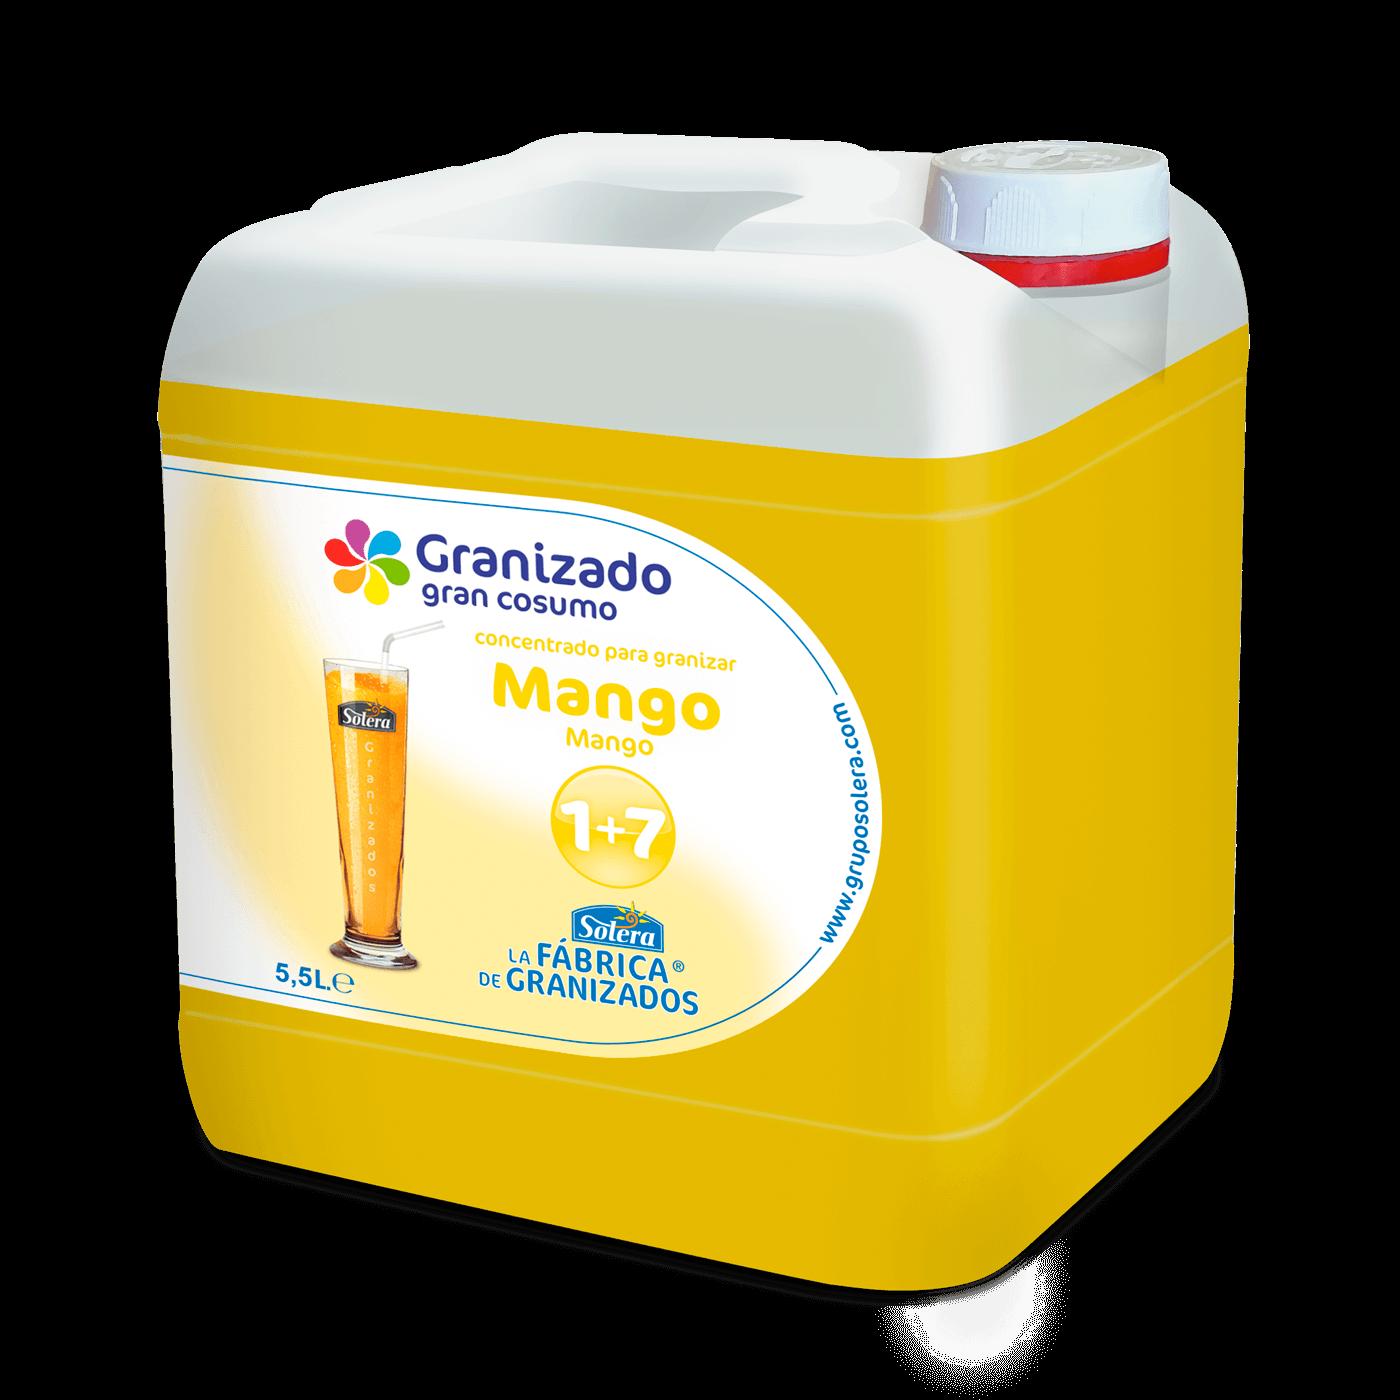 Garrafa mango